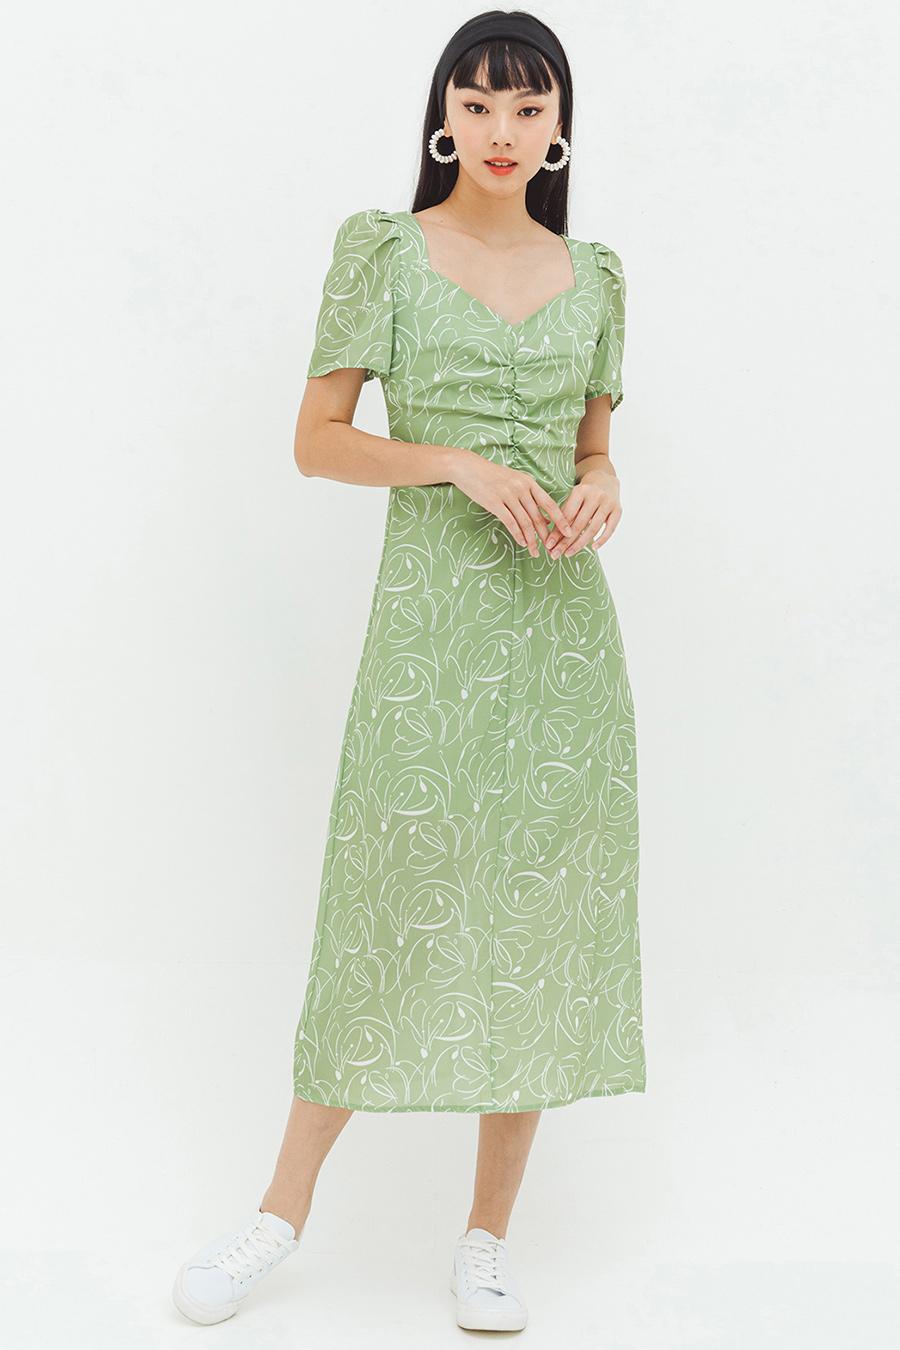 NIMUE DRESS - BONSAI FLEUR